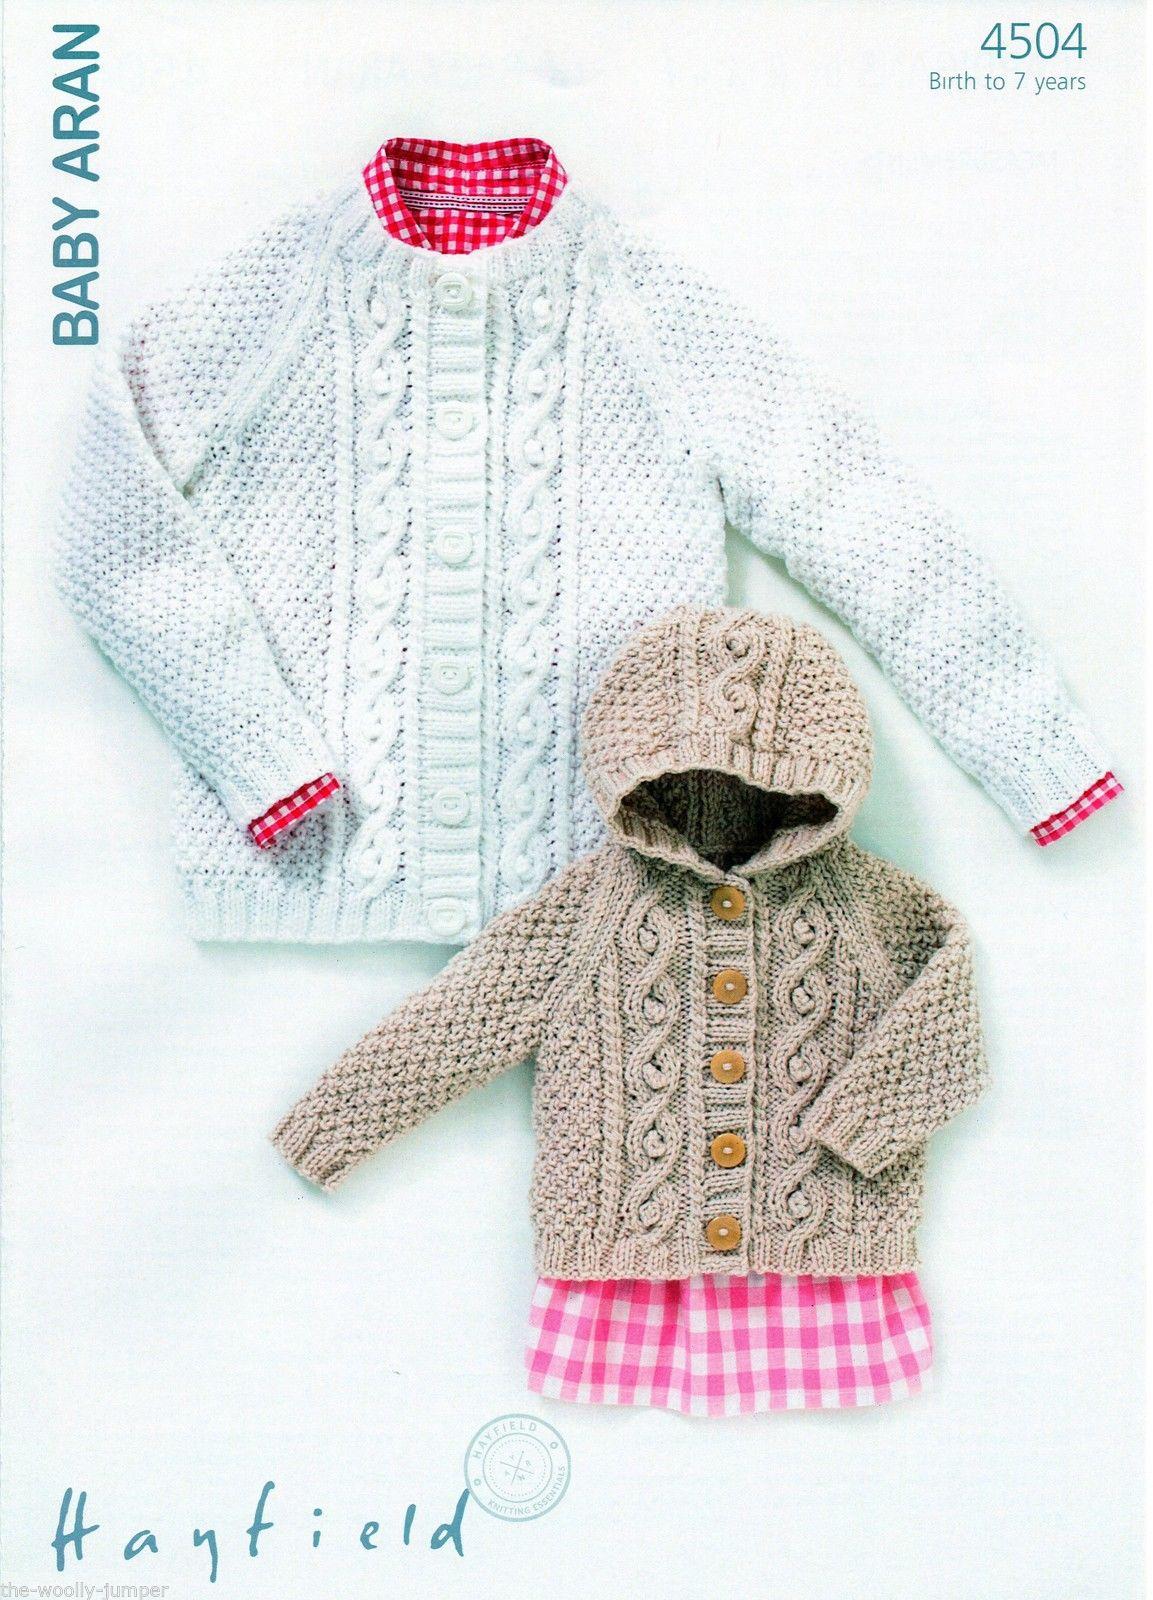 Toddler Aran Cardigan Knitting Pattern : 4504 - HAYFIELD BABY ARAN HOODED CARDIGAN KNITTING PATTERN ...